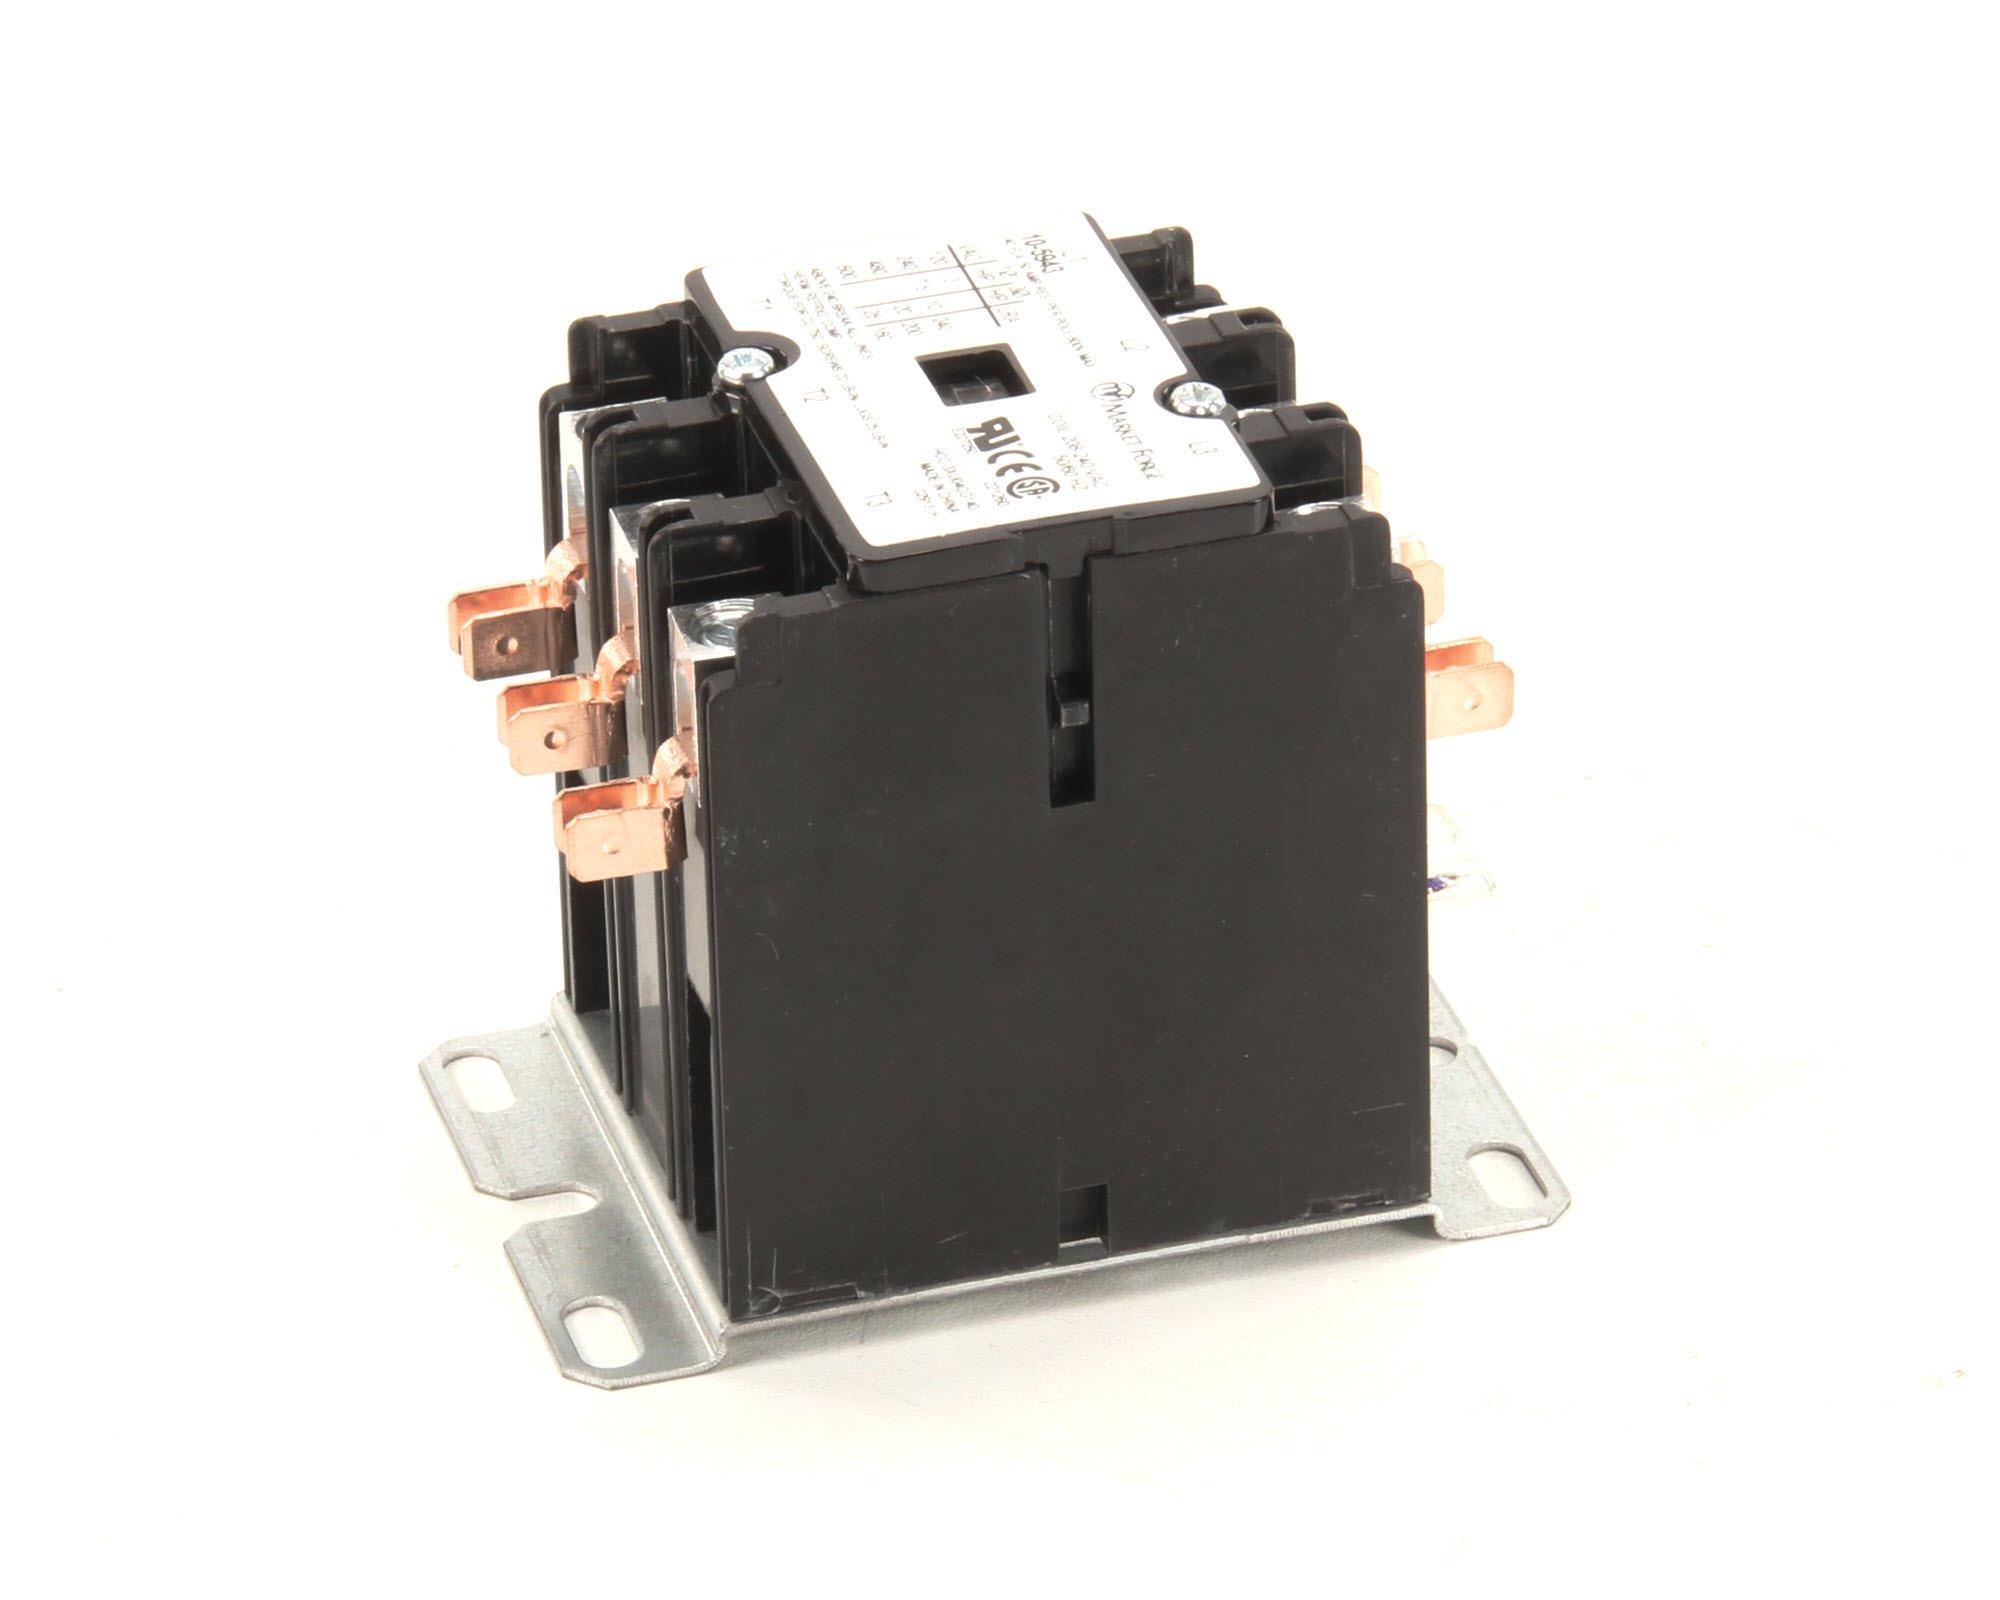 Blodgett 37296 Mechanical Contactor 40-Amp